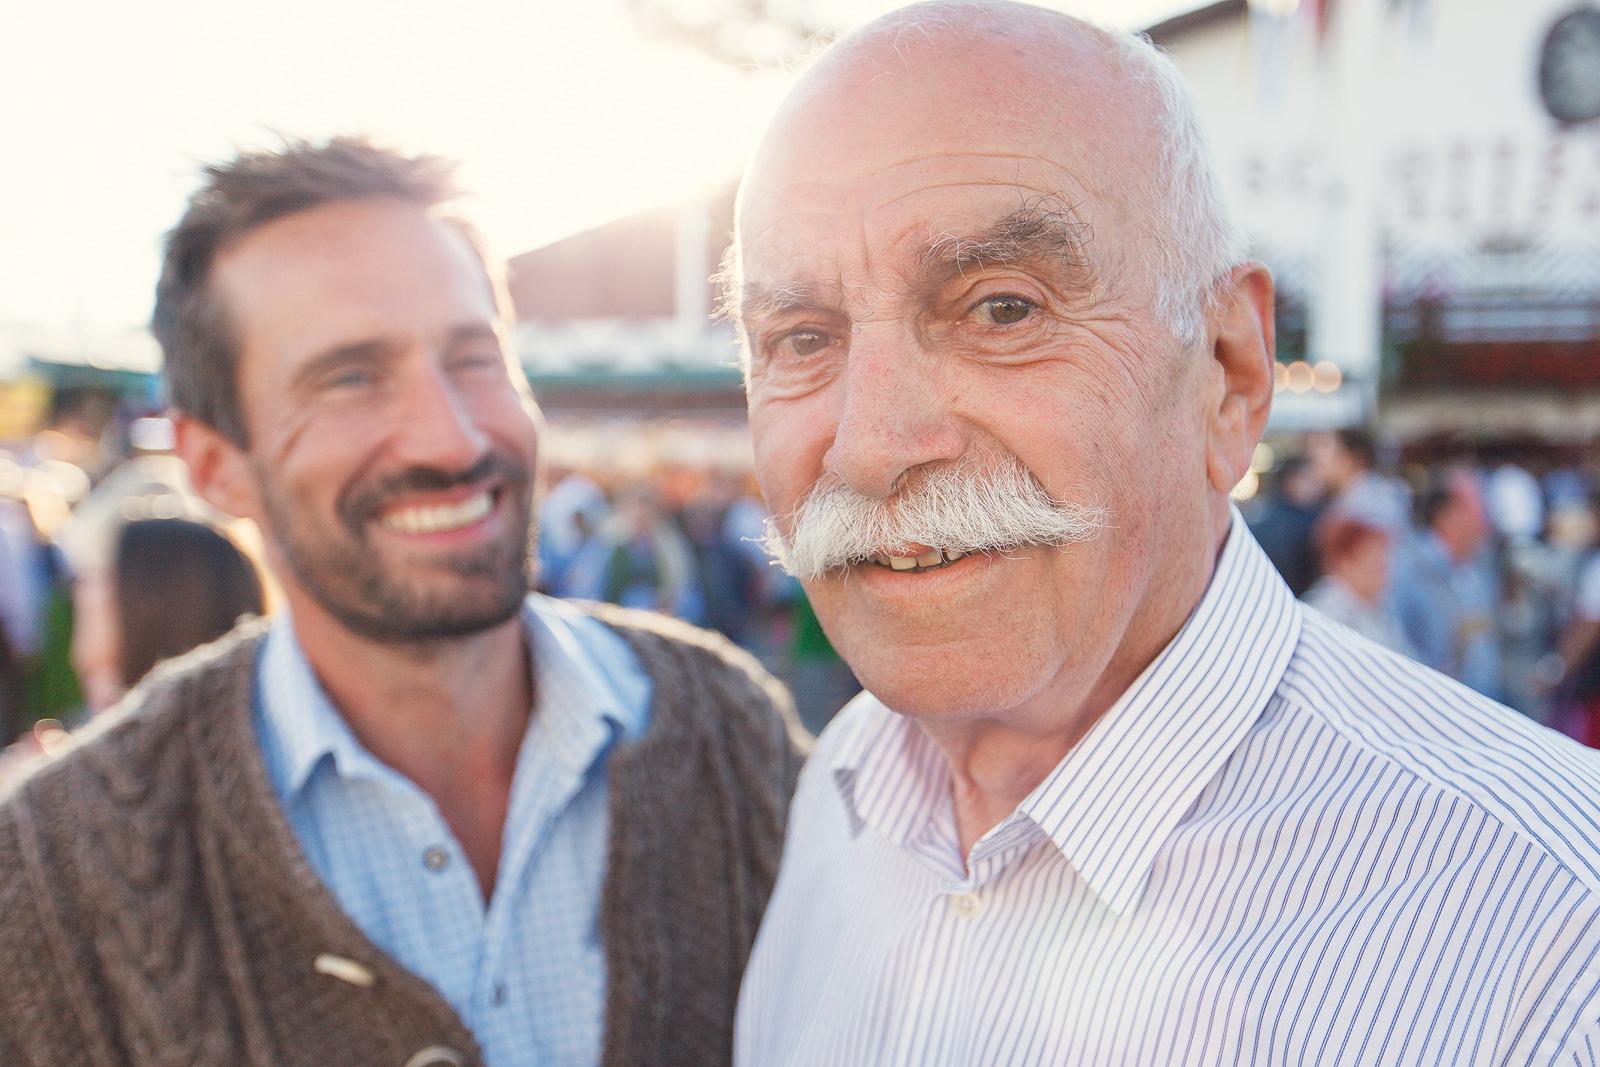 Vater und Sohn auf dem Oktoberfest